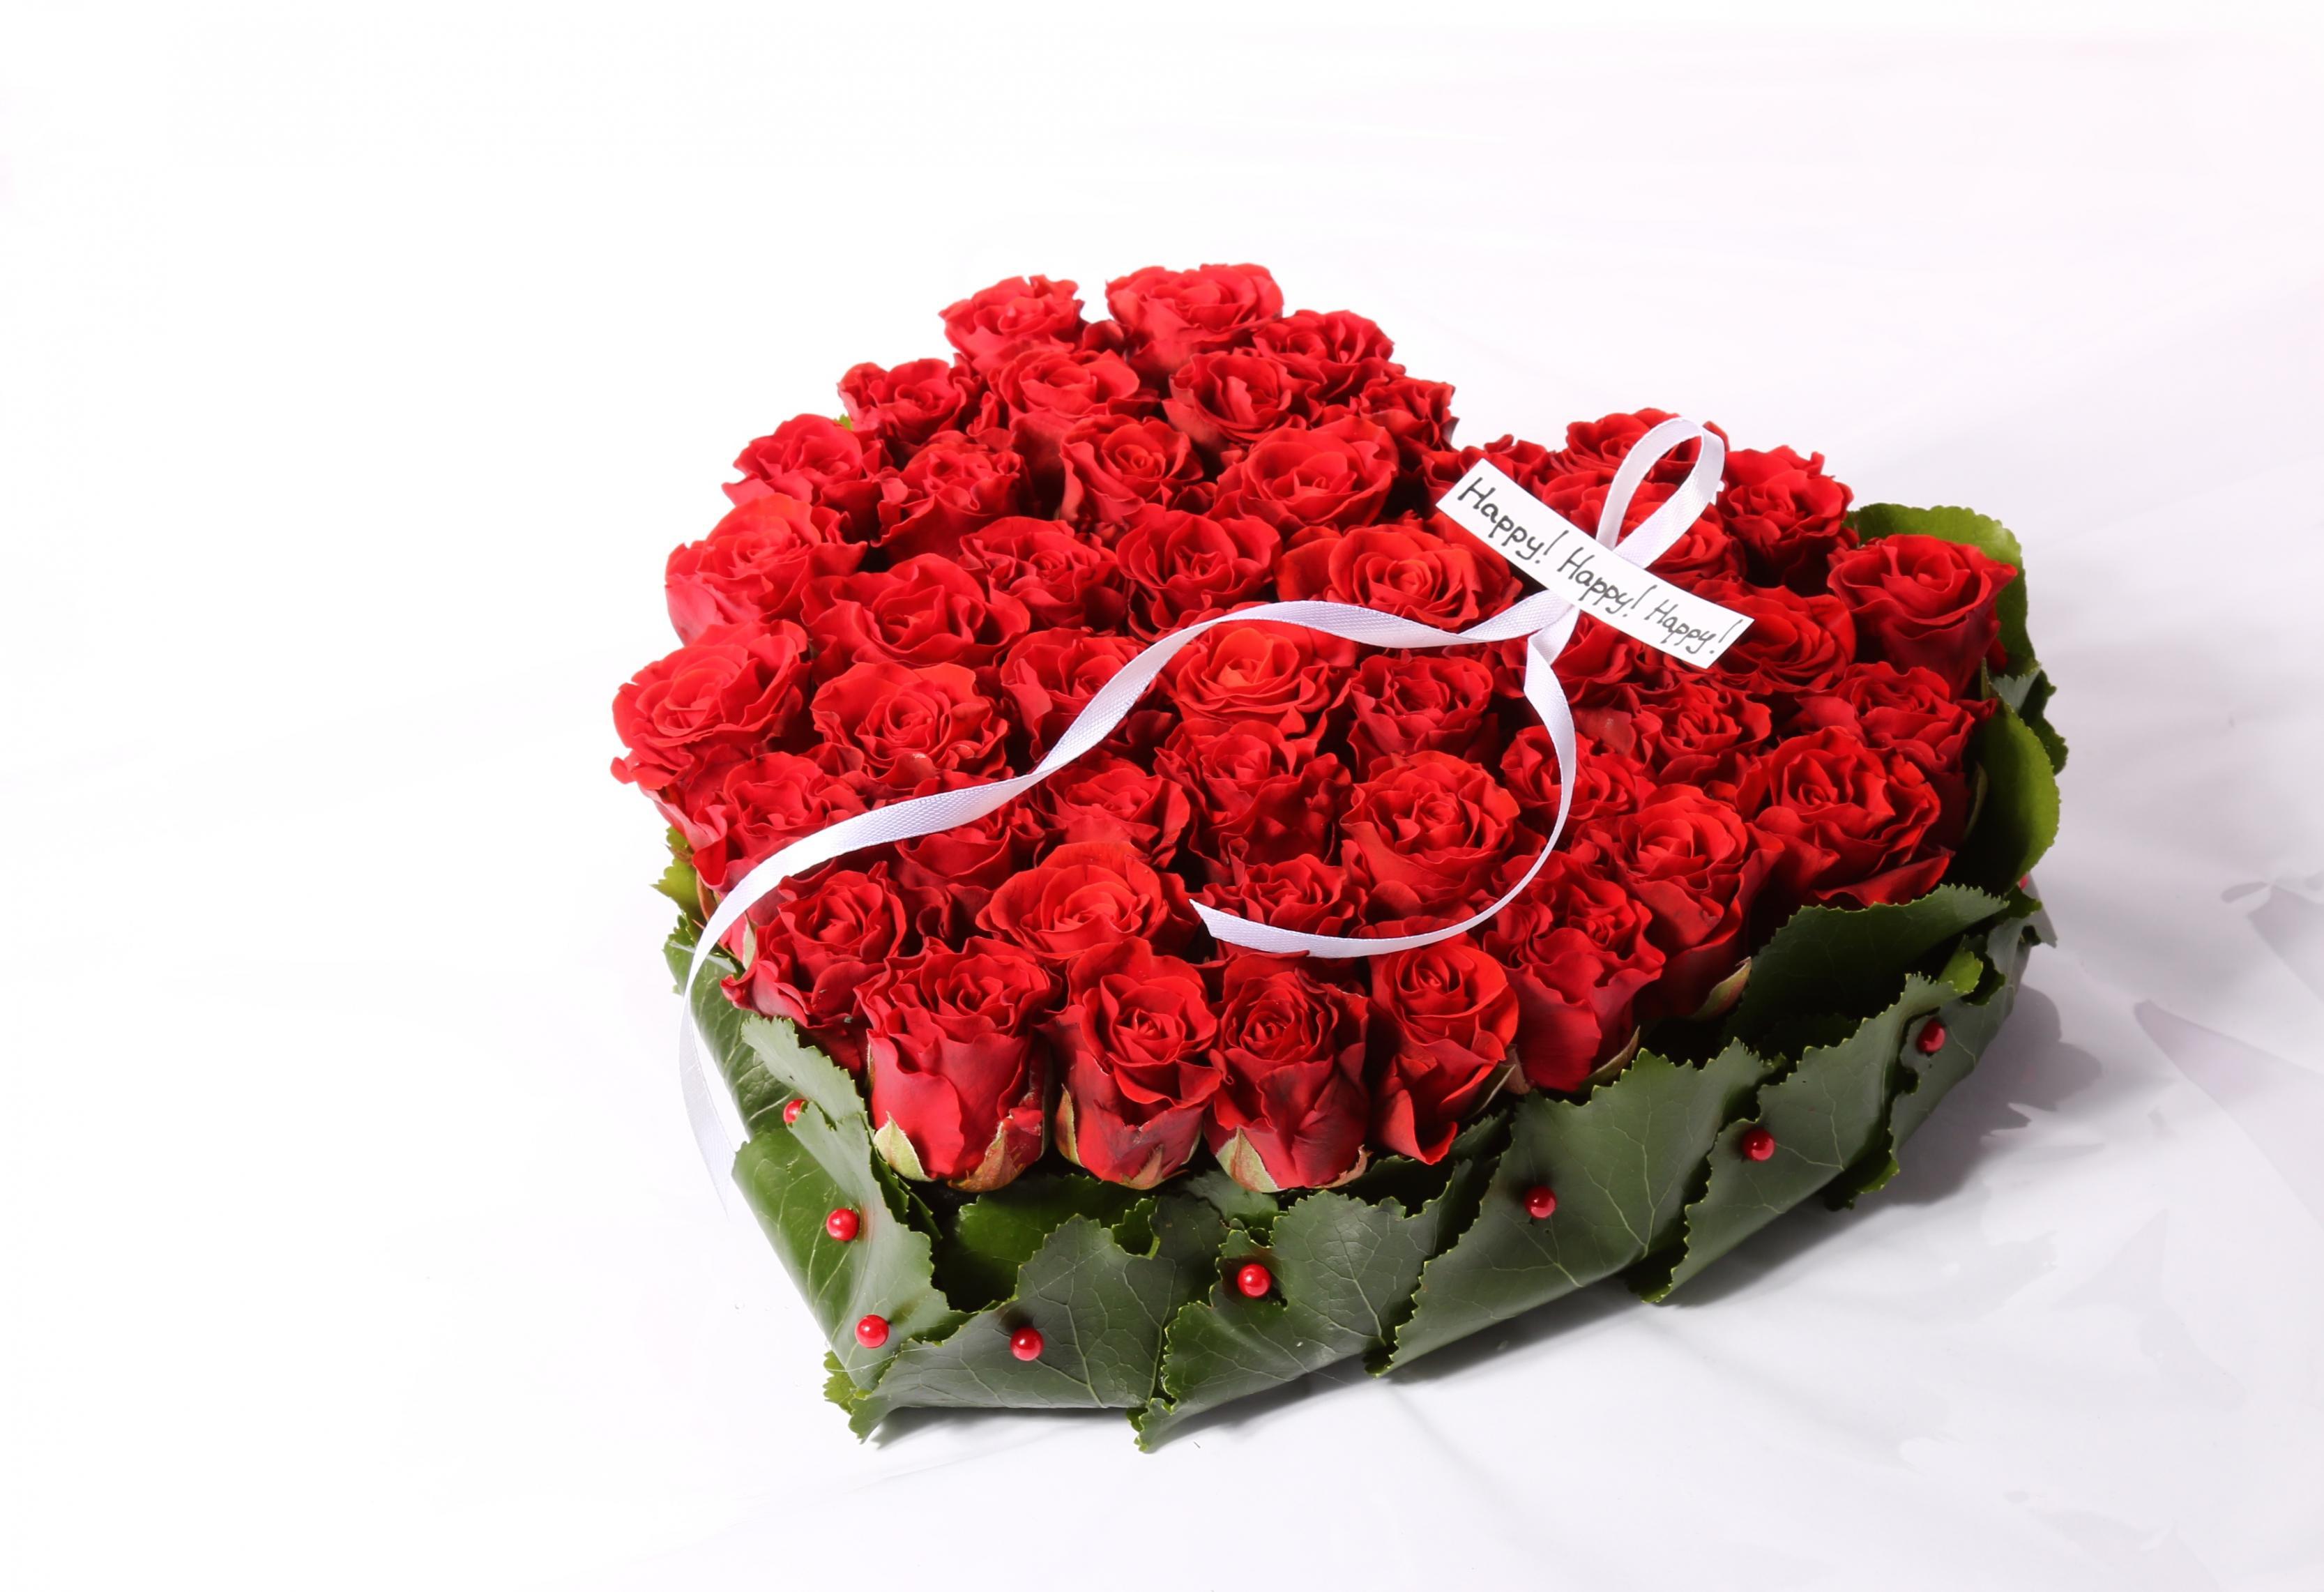 بالصور صور ورد حب , الورد وتعبيره عن المحبة والرومانسية بين العشاق 3284 6